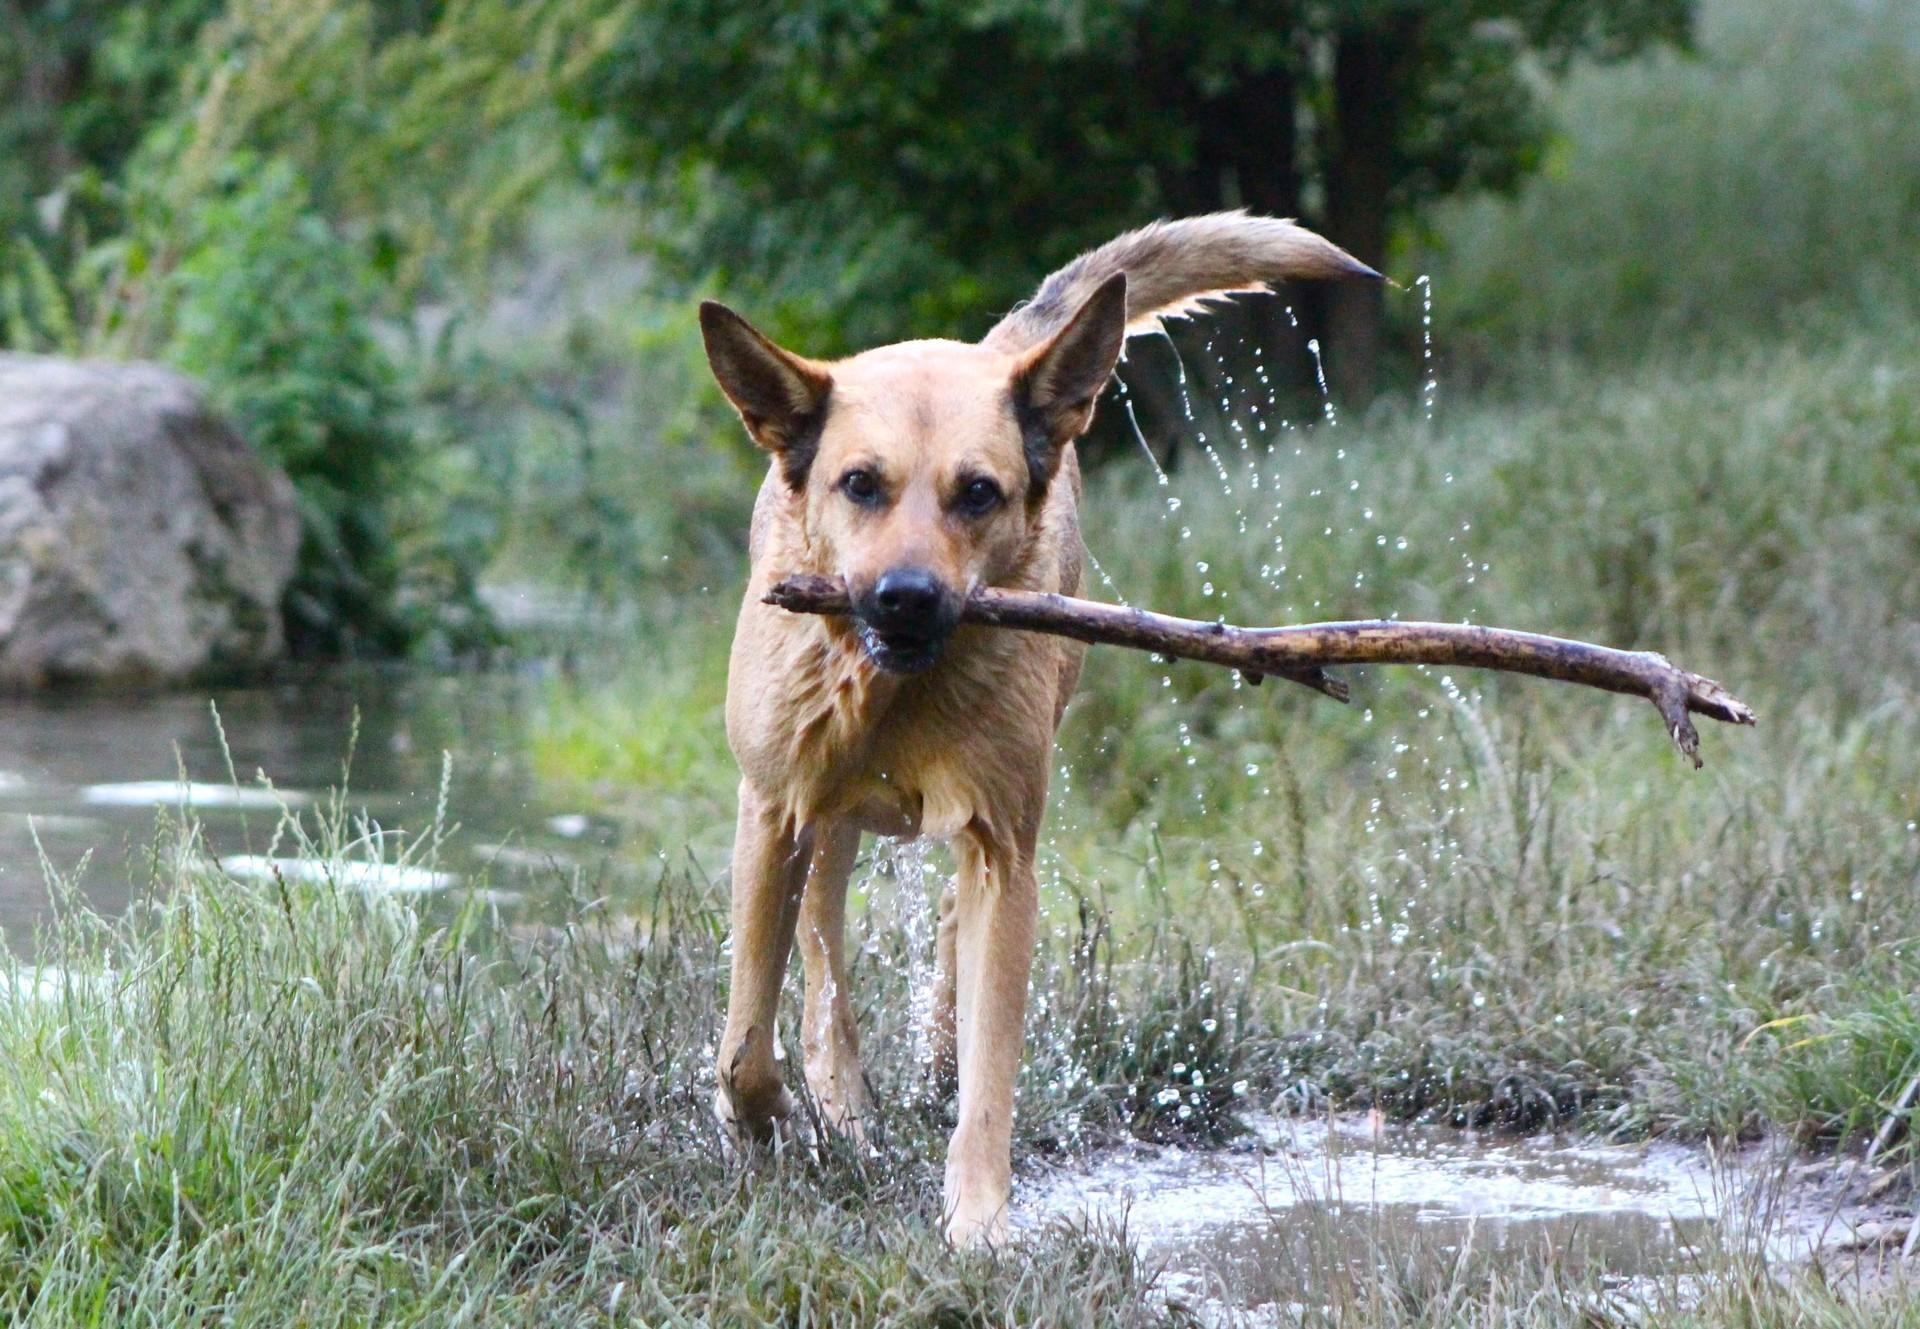 Hund kommt aus dem Wasser